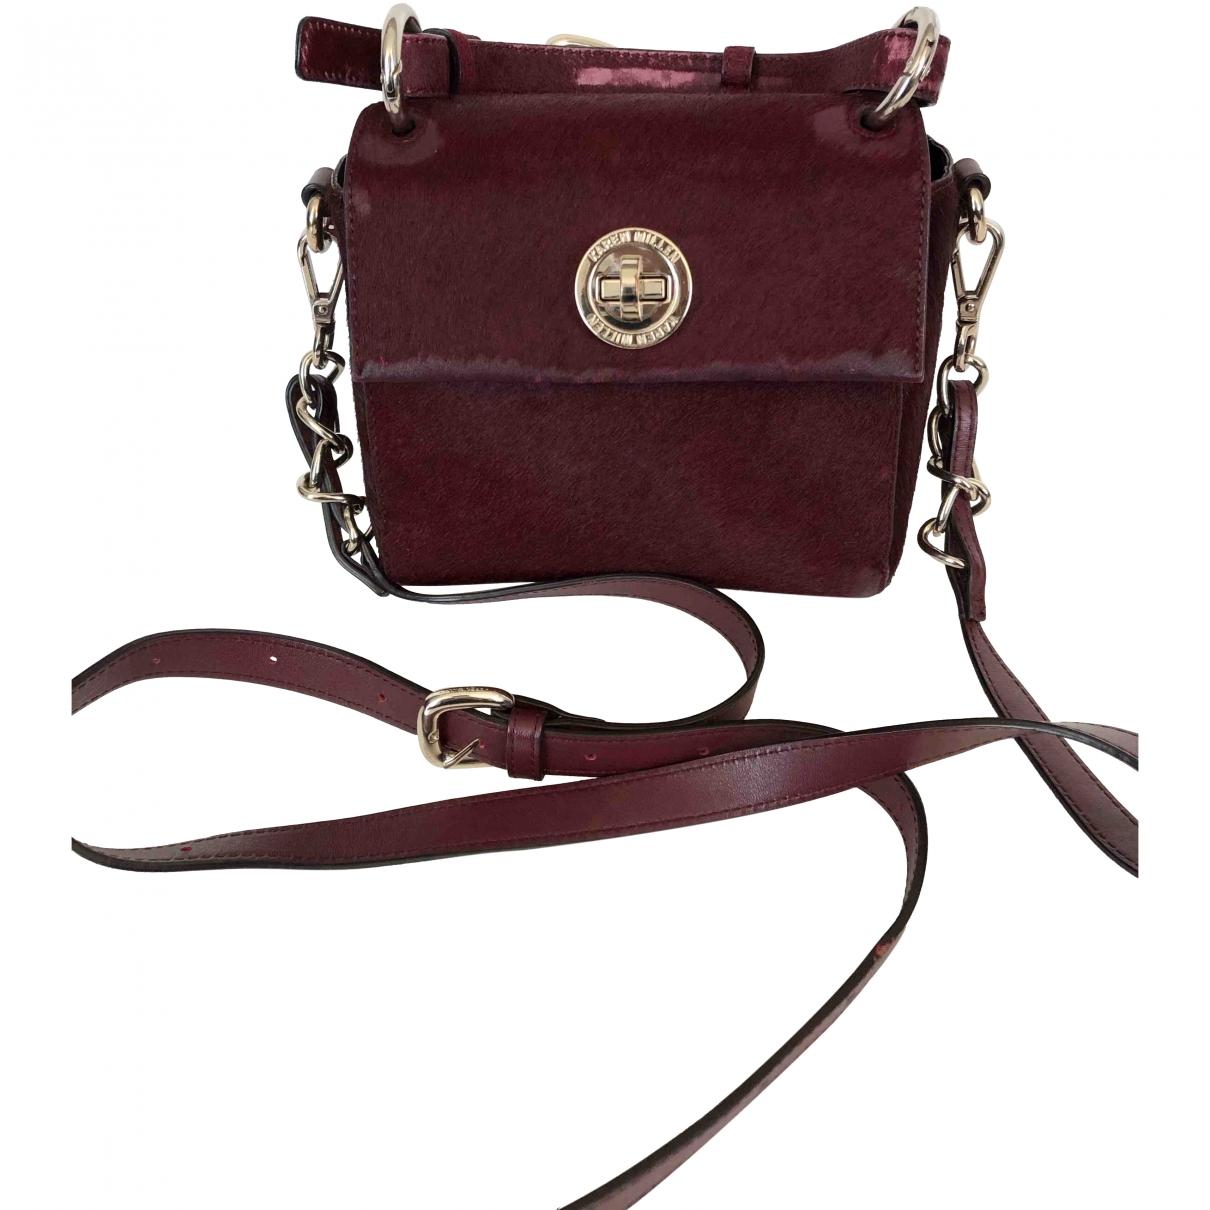 Karen Millen \N Burgundy Leather handbag for Women \N